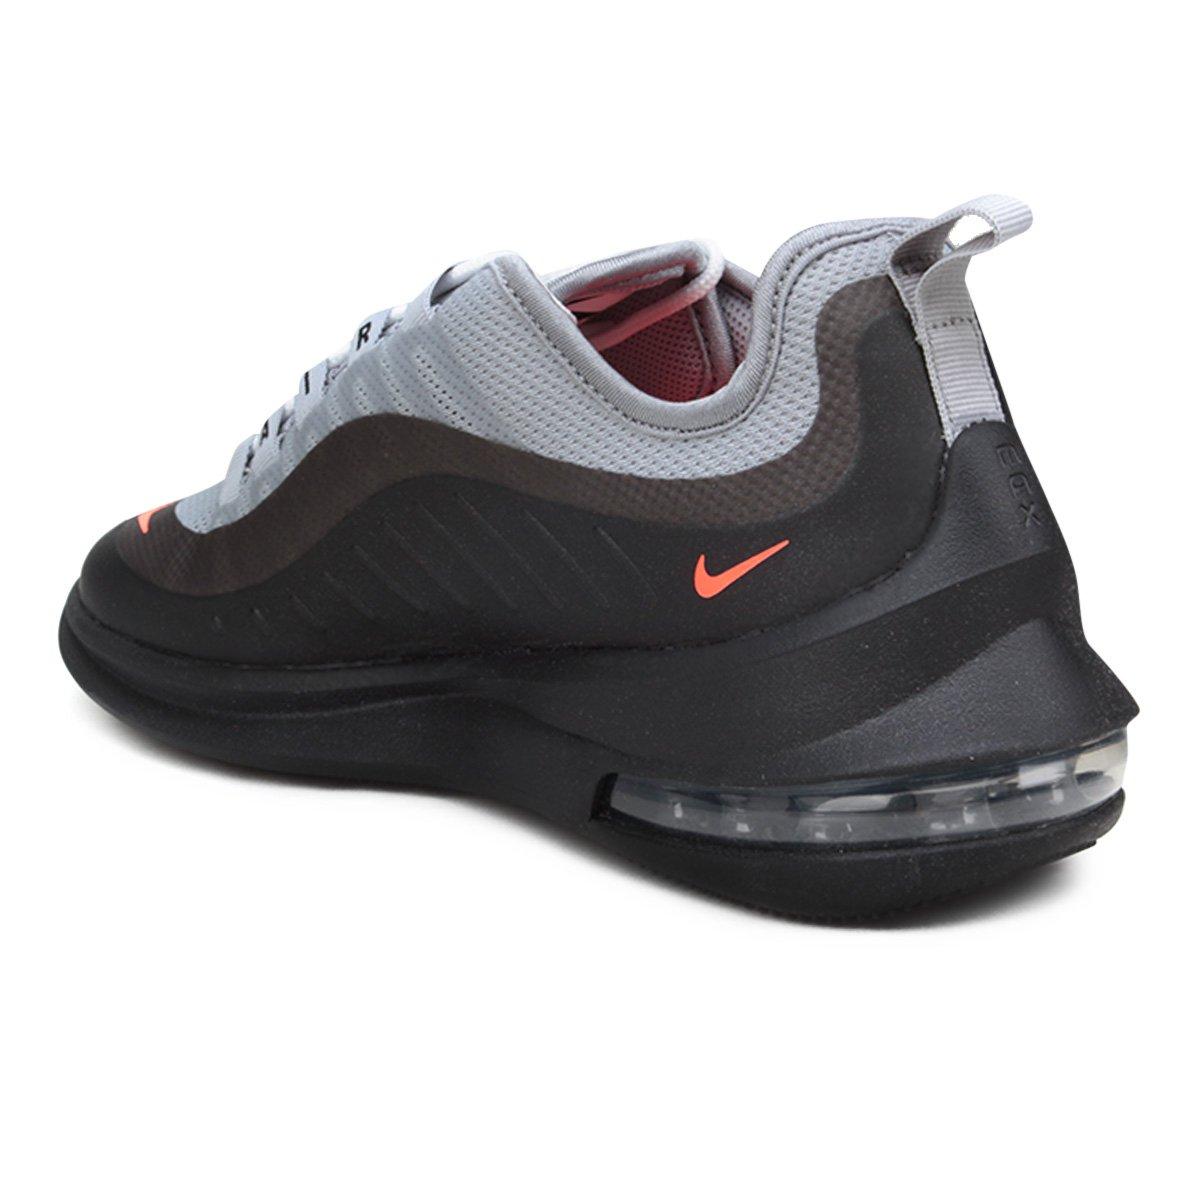 Tênis Nike Air Max Axis - Cinza e Preto - Compre Agora Zattini  0acff4d37903b8  Tênis Nike Air Max Advantage Feminino ... 302d98d7f0